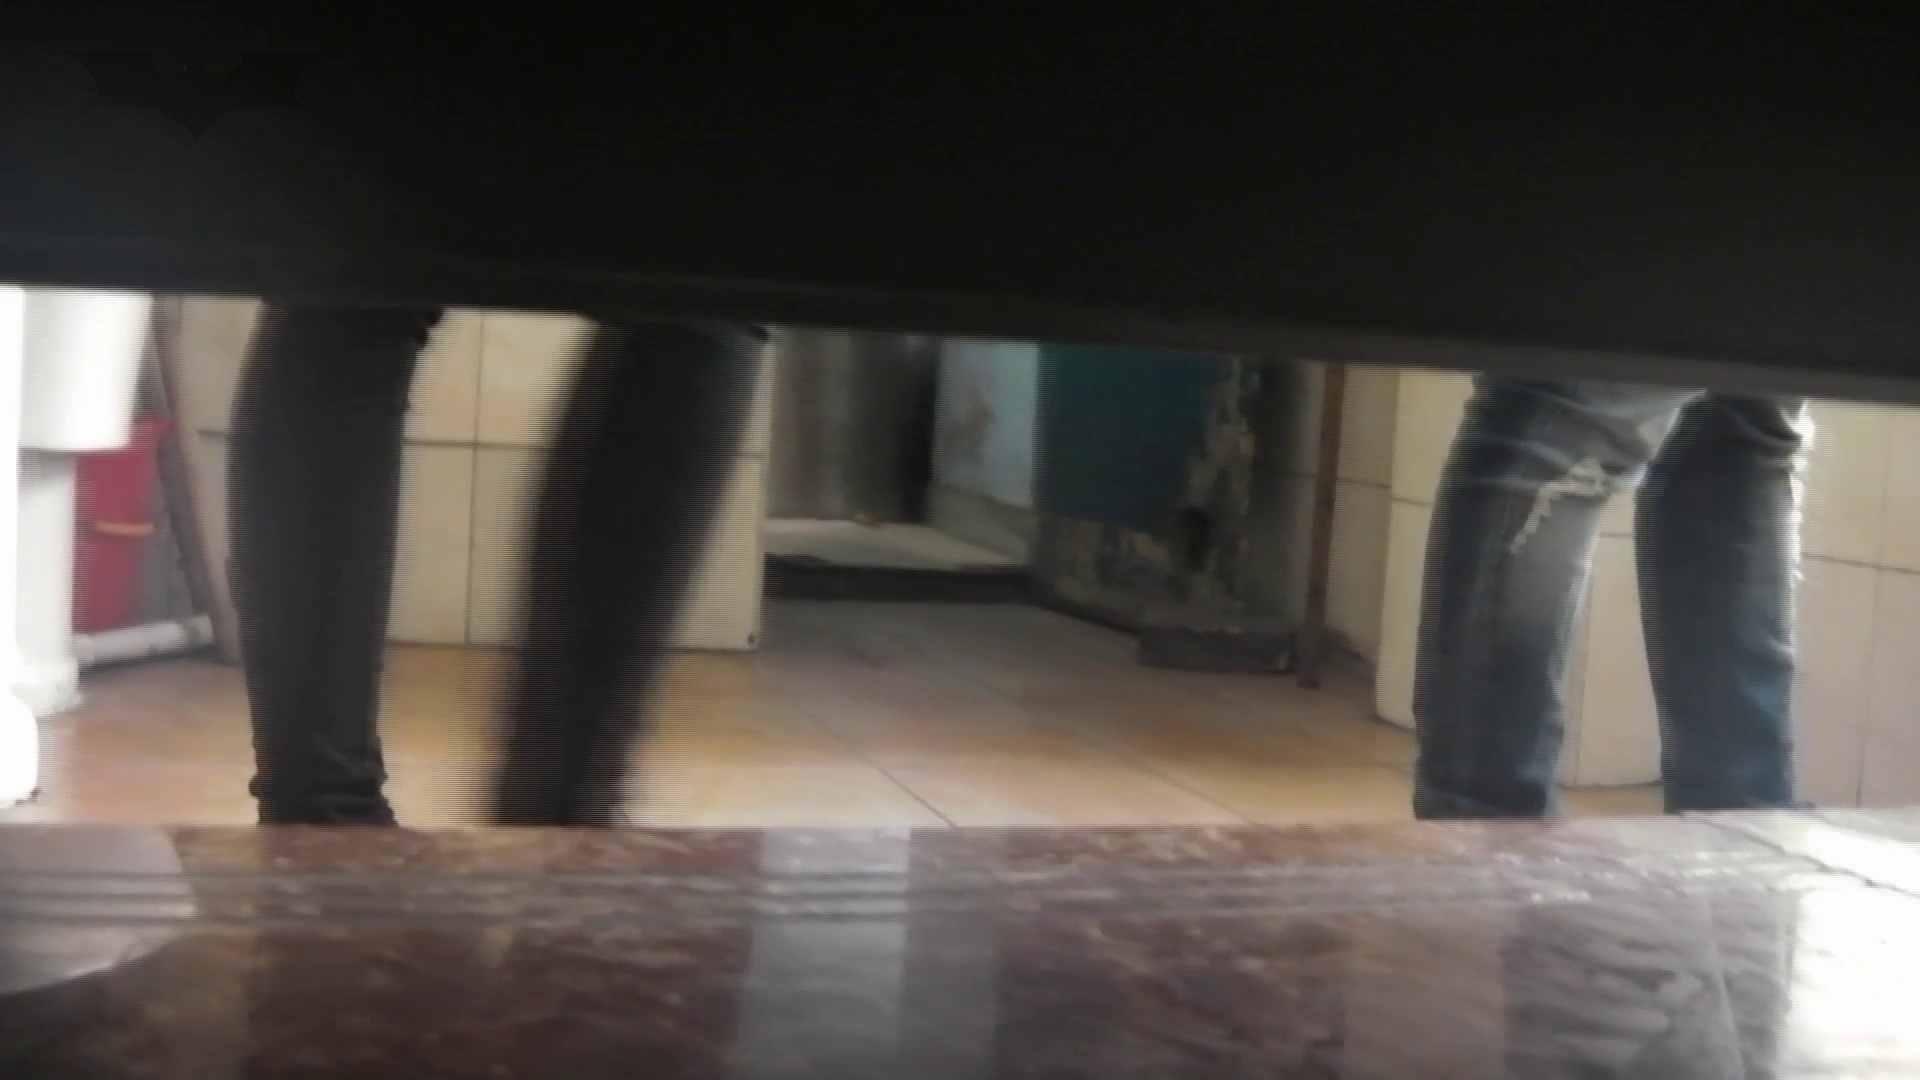 ステーション編 vol52 我慢して個室に入ったら。||:-)!! ギャル  54PIX 33